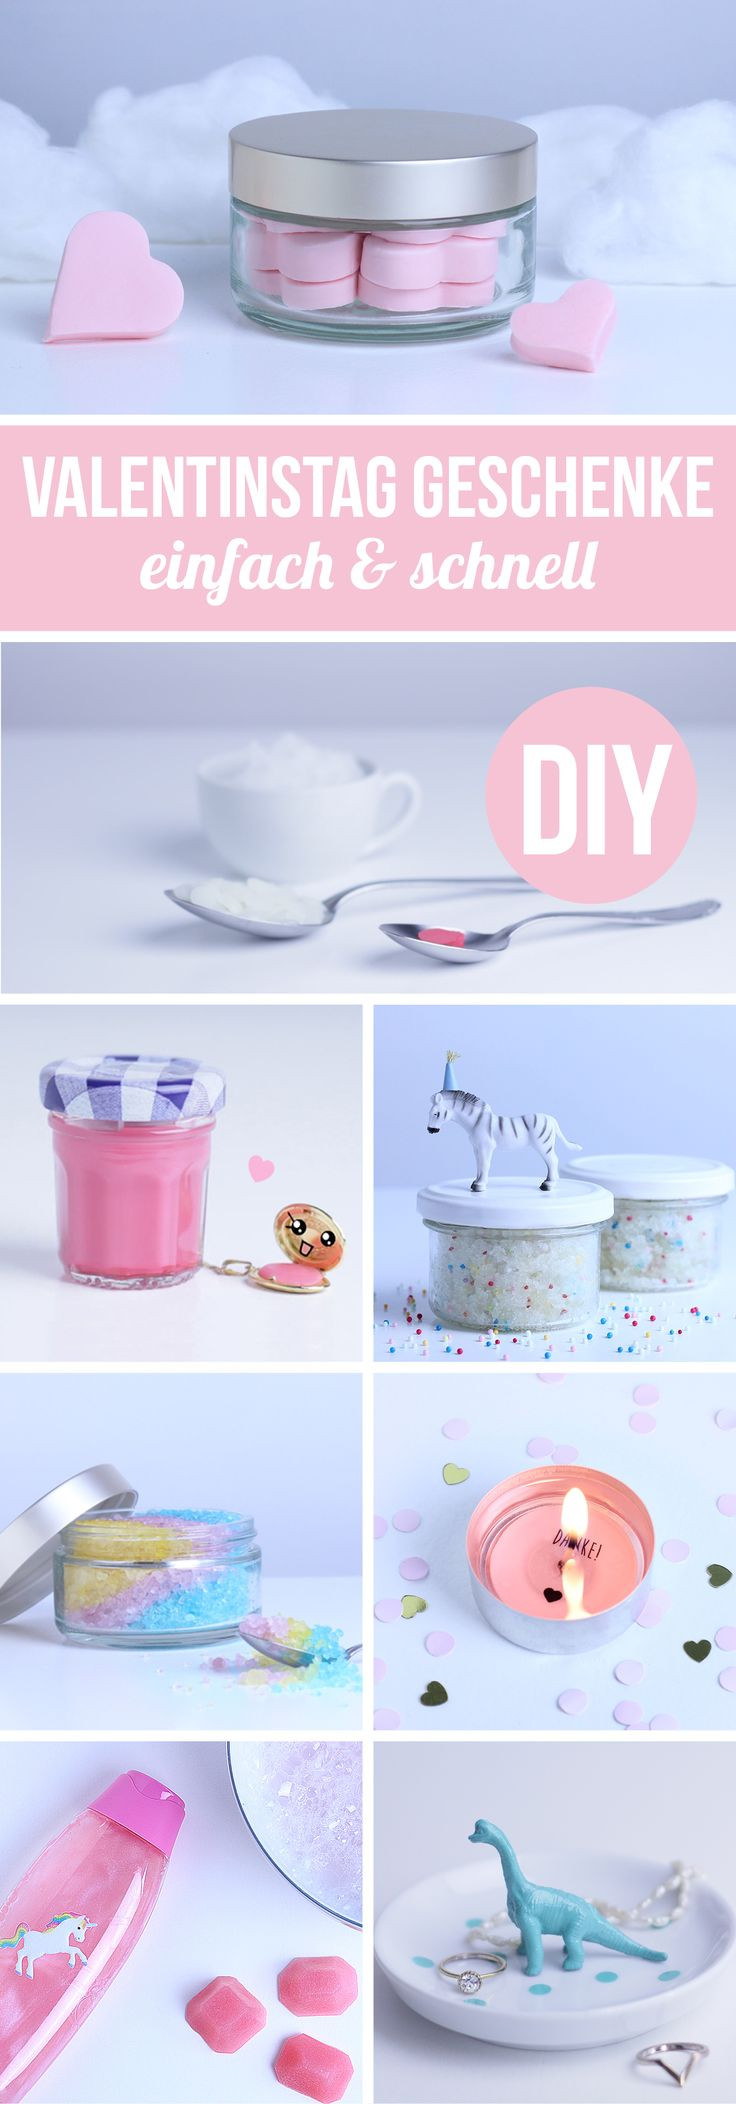 Geschenke Für Die Beste Freundin Diy  Die besten 25 Valentinstag geschenke Ideen auf Pinterest